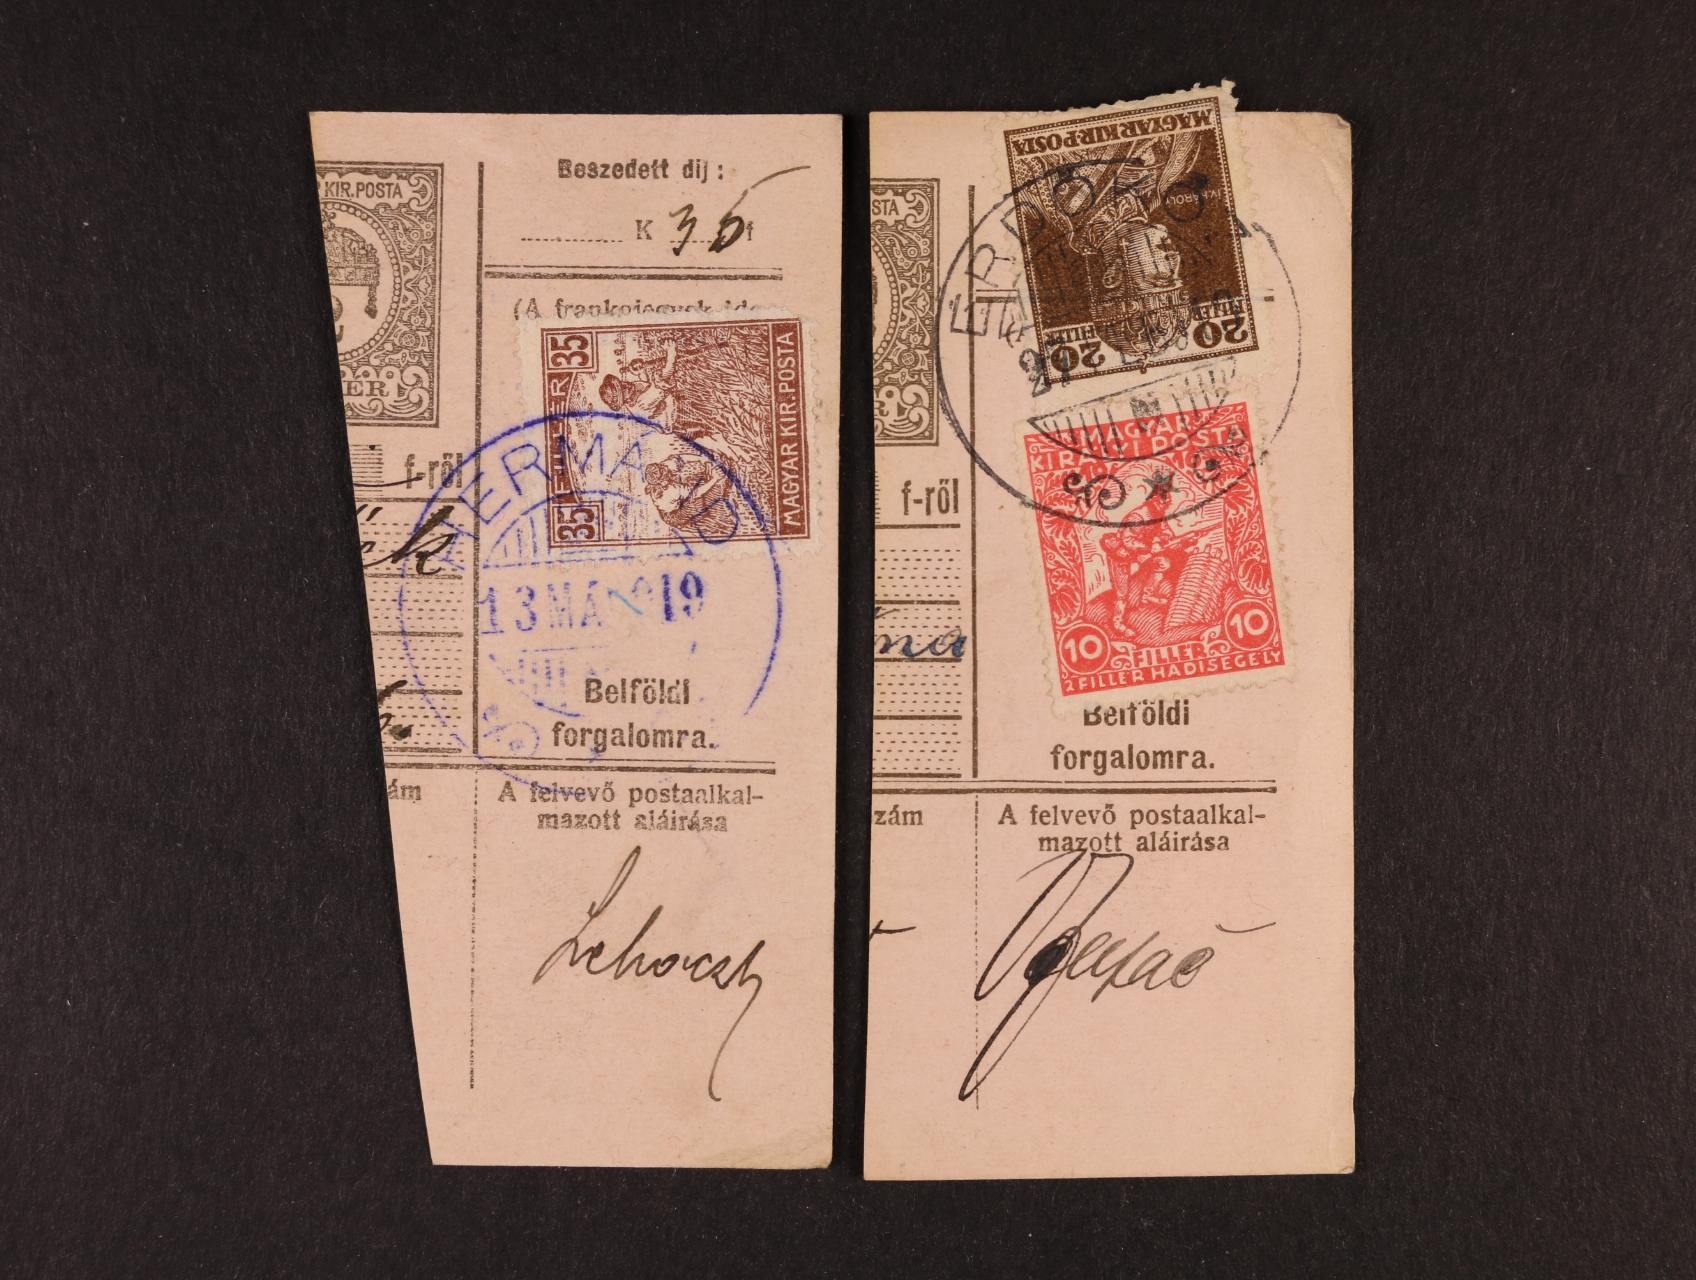 ústřižek uherské pošt. průvodky frank. maďarskou zn. Mi. č. 183 + 215 s raz. ERDÓKÖZ (Podhoranská Polhora) 27.2.19 + dtto frank. maď. zn. Mi. č. 198 s modrým kulatým raz. HERMÁND (Hermánec) 13.3.19